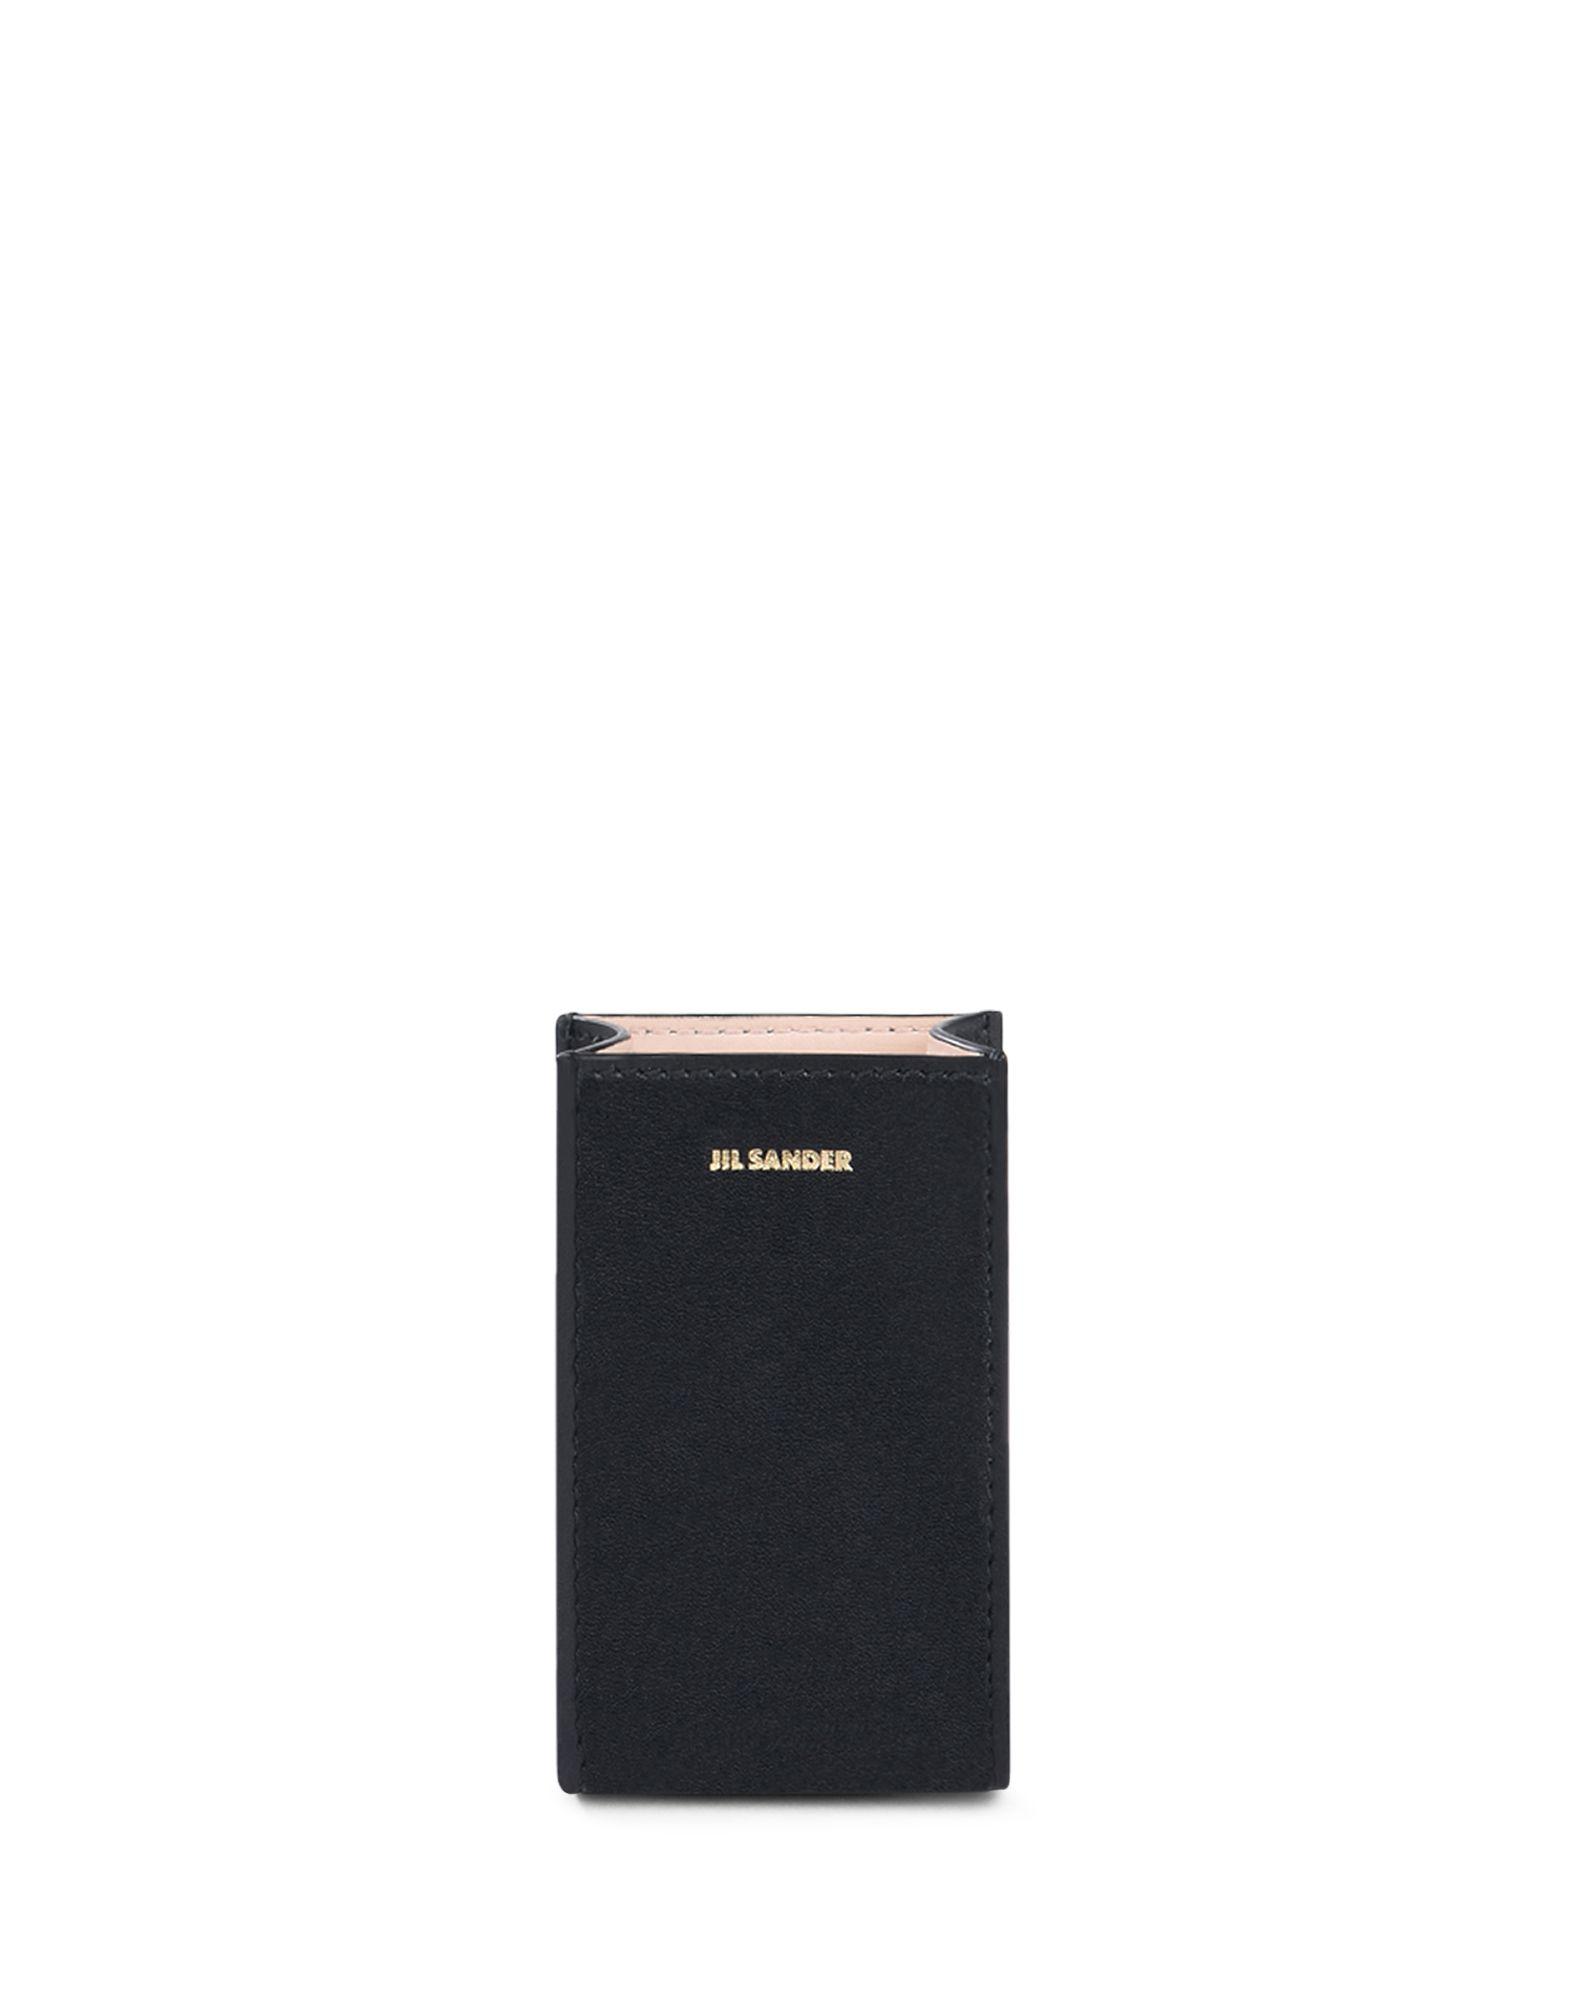 cigarette case - JIL SANDER Online Store